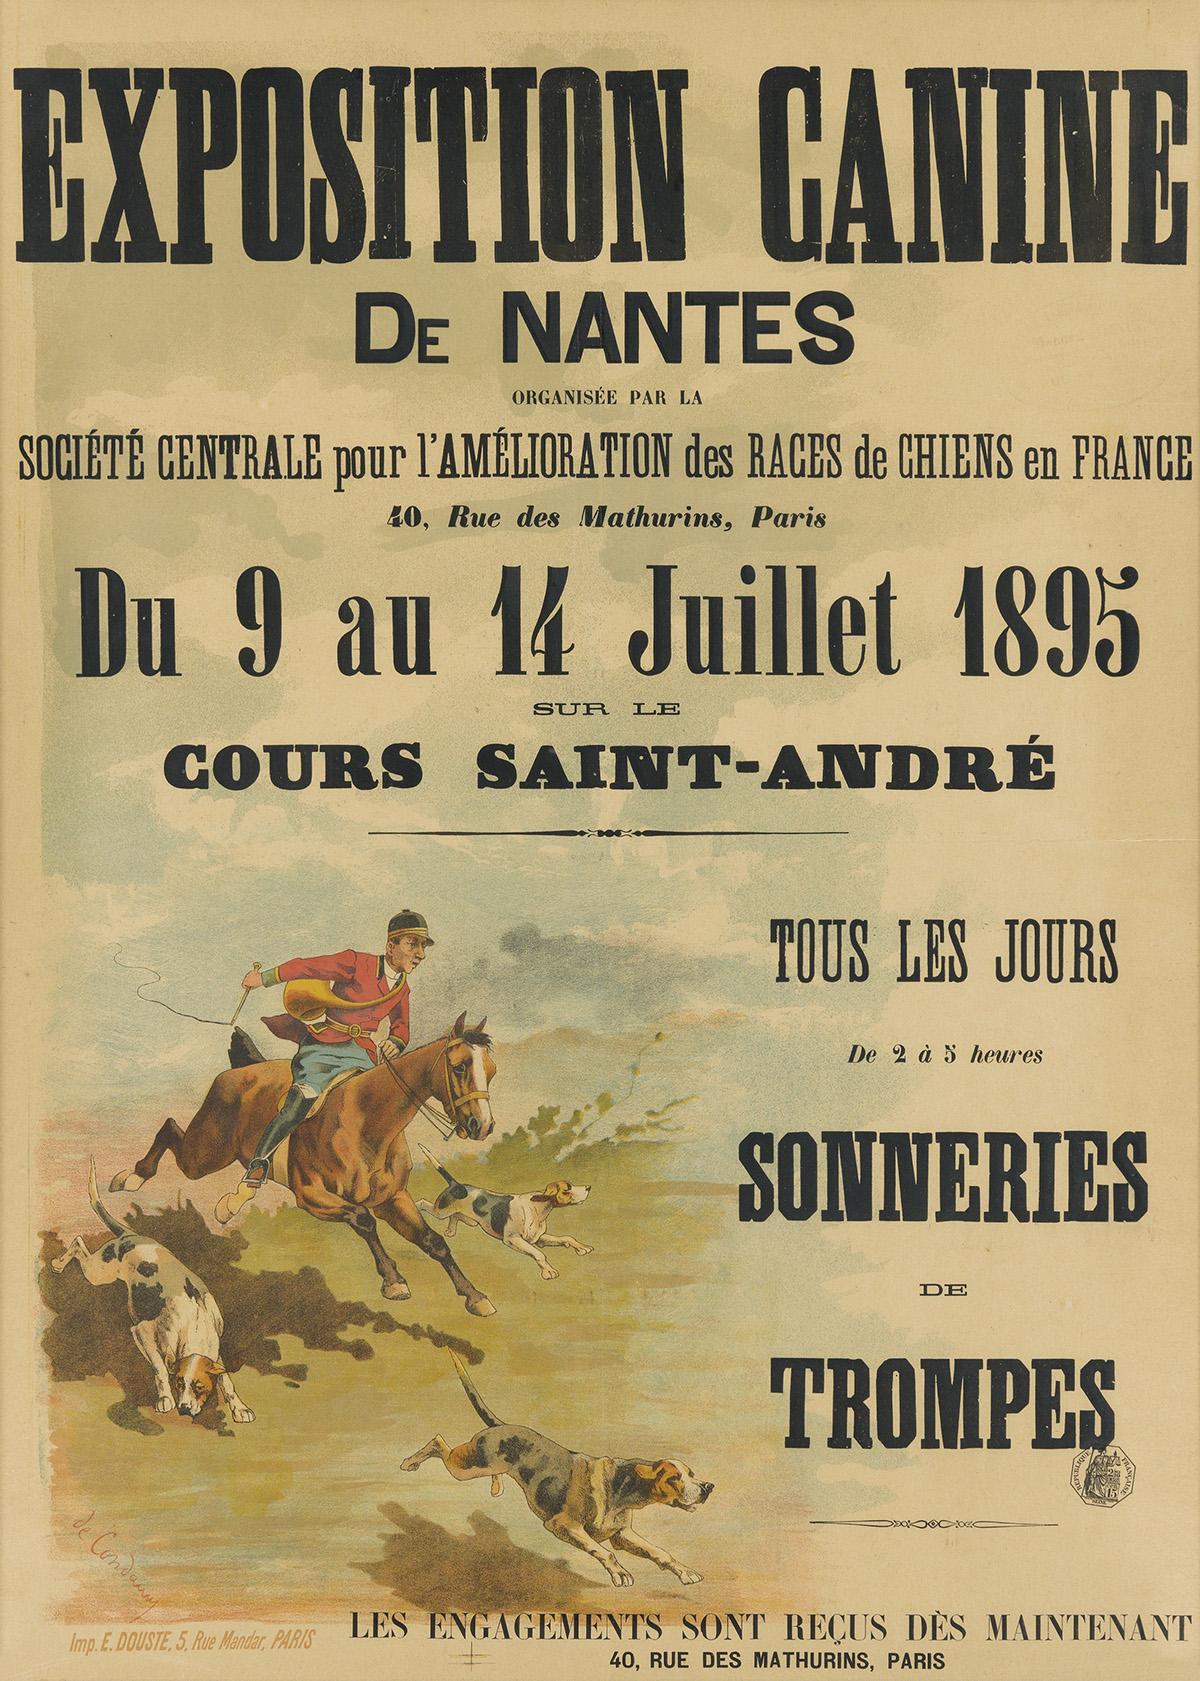 SIGNATURE-ILLEGIBLE-EXPOSITION-CANINE-DE-NANTES-1895-32x22-i